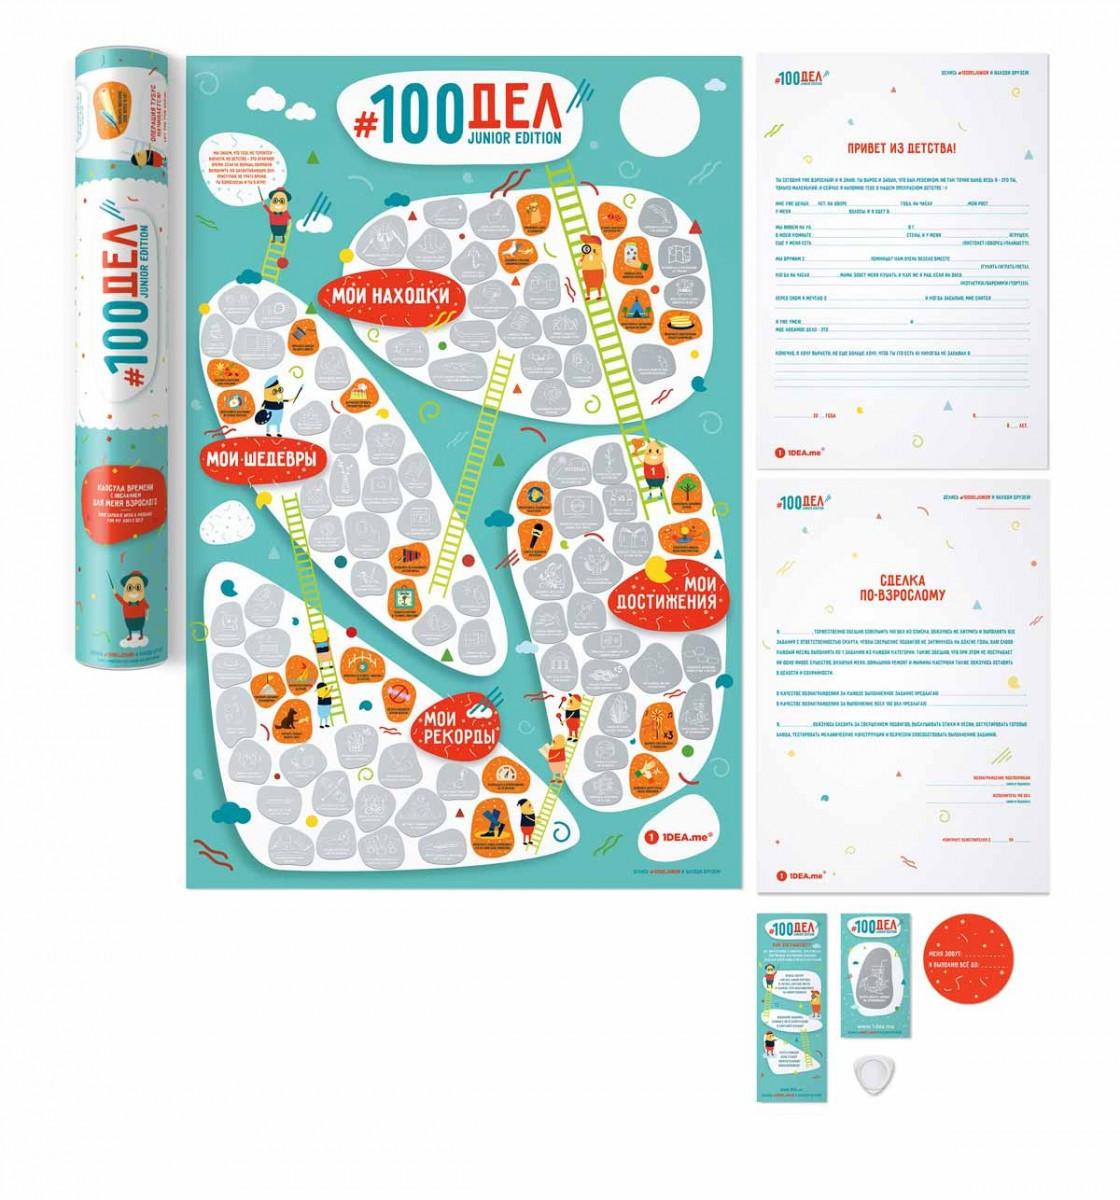 Скретч - постер # 100 ДЕЛ Junior edition | карта желаний для ребенка | оригинальный подарок